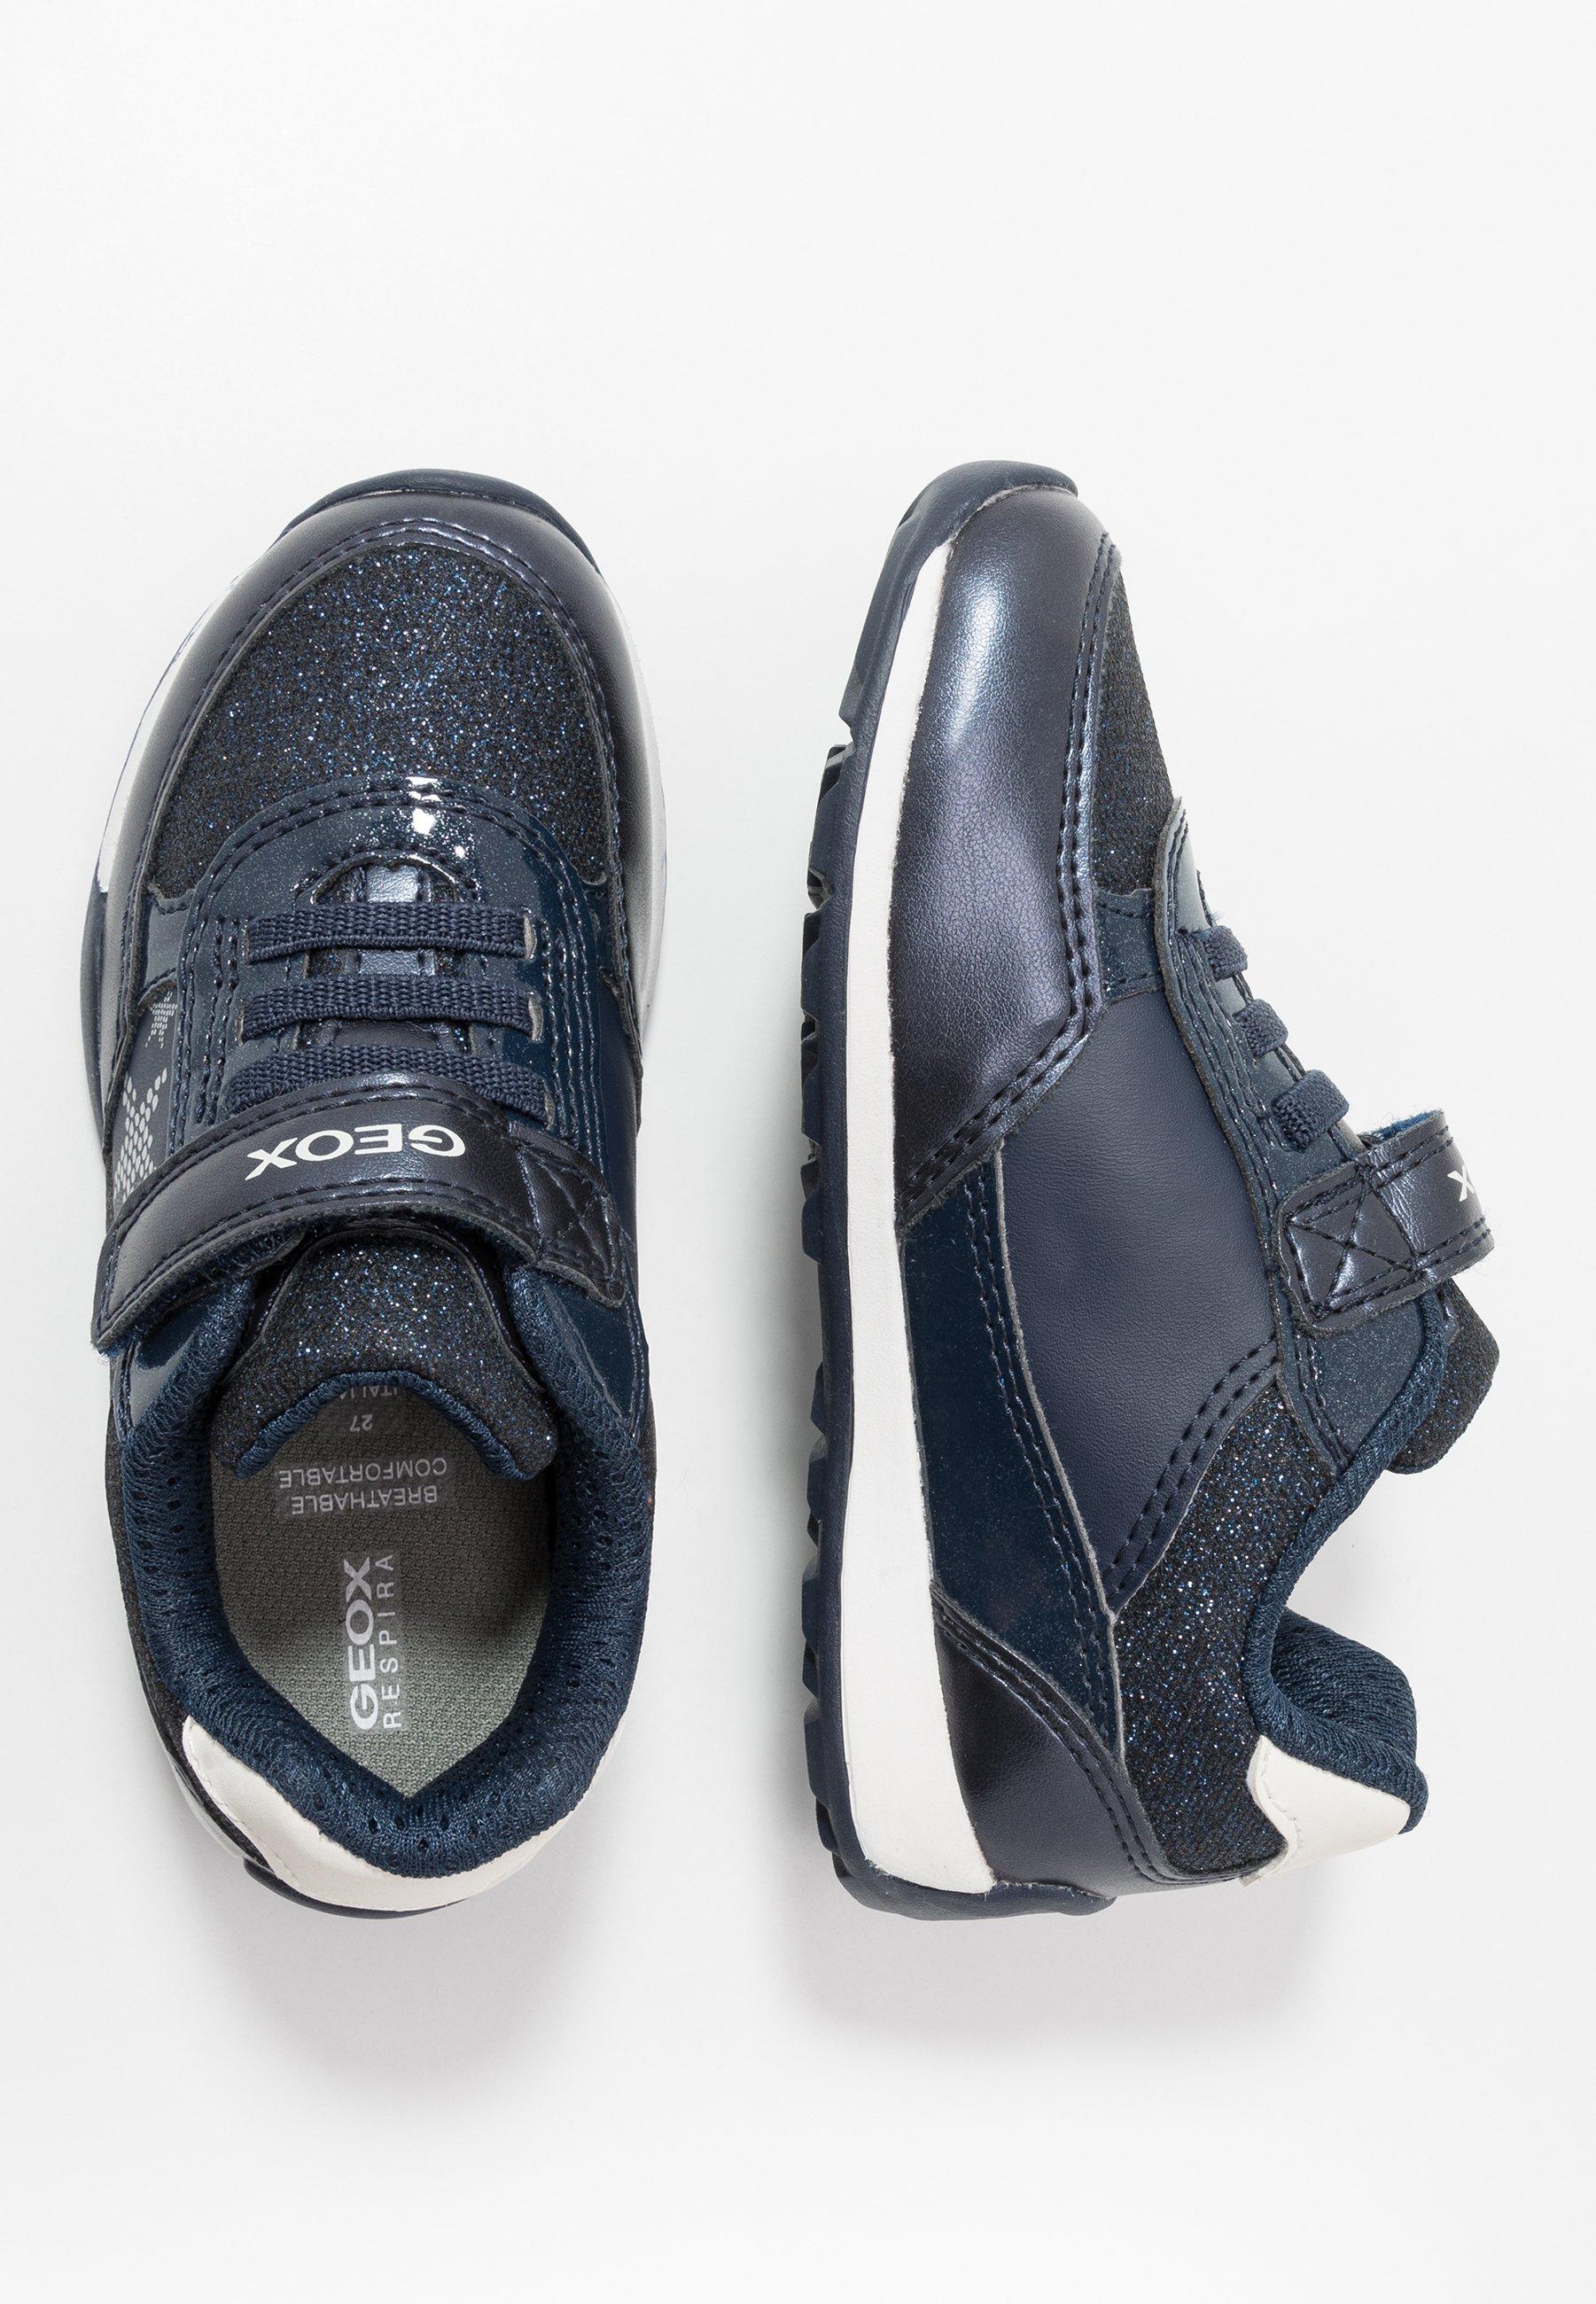 zapatos geox black friday zapatos